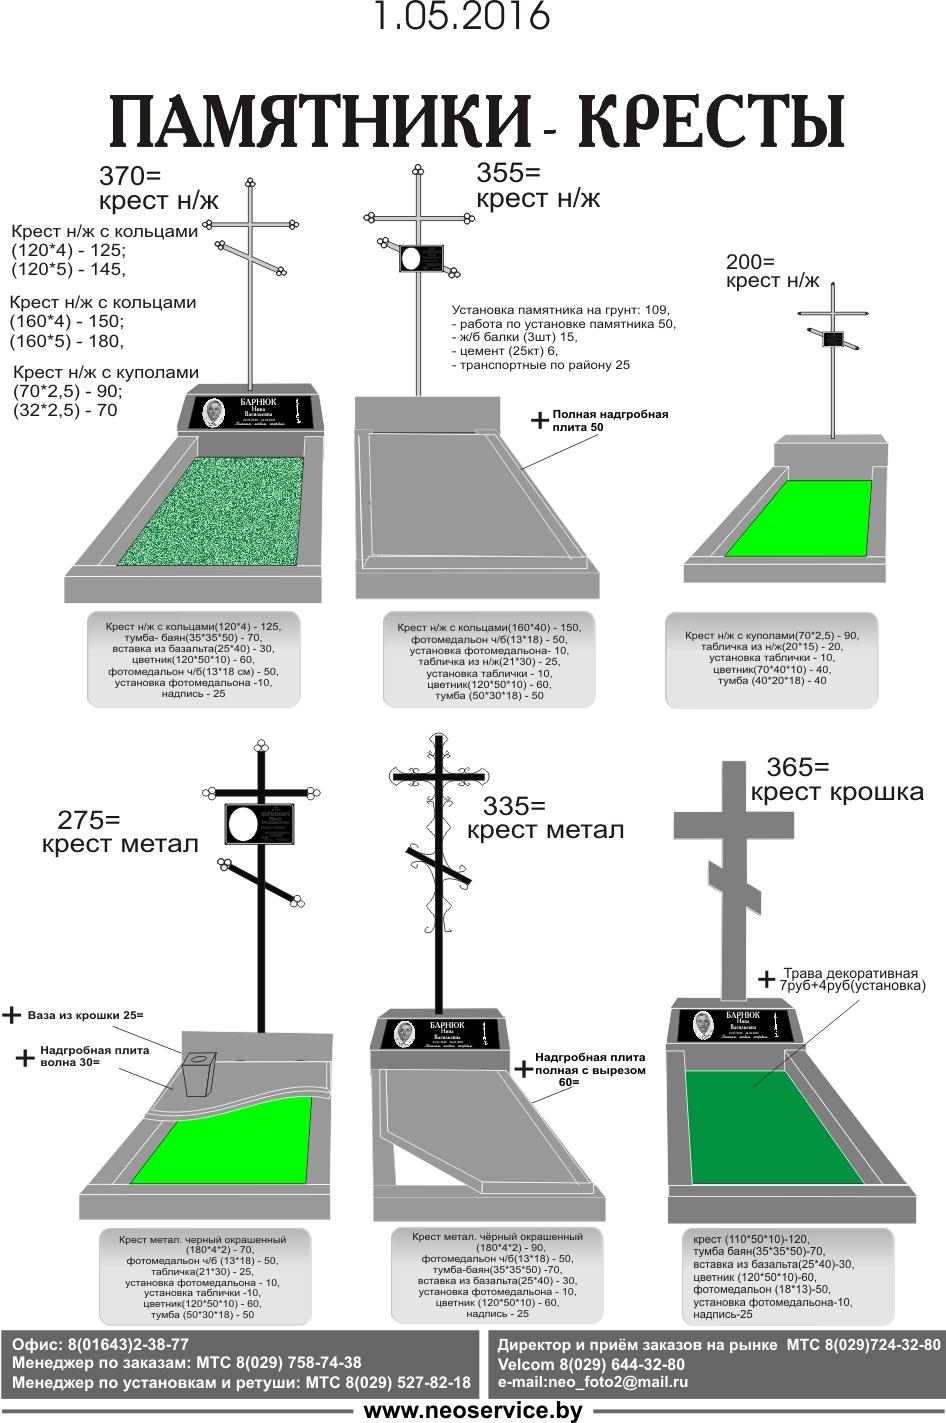 Памятники-кресты нержавейка